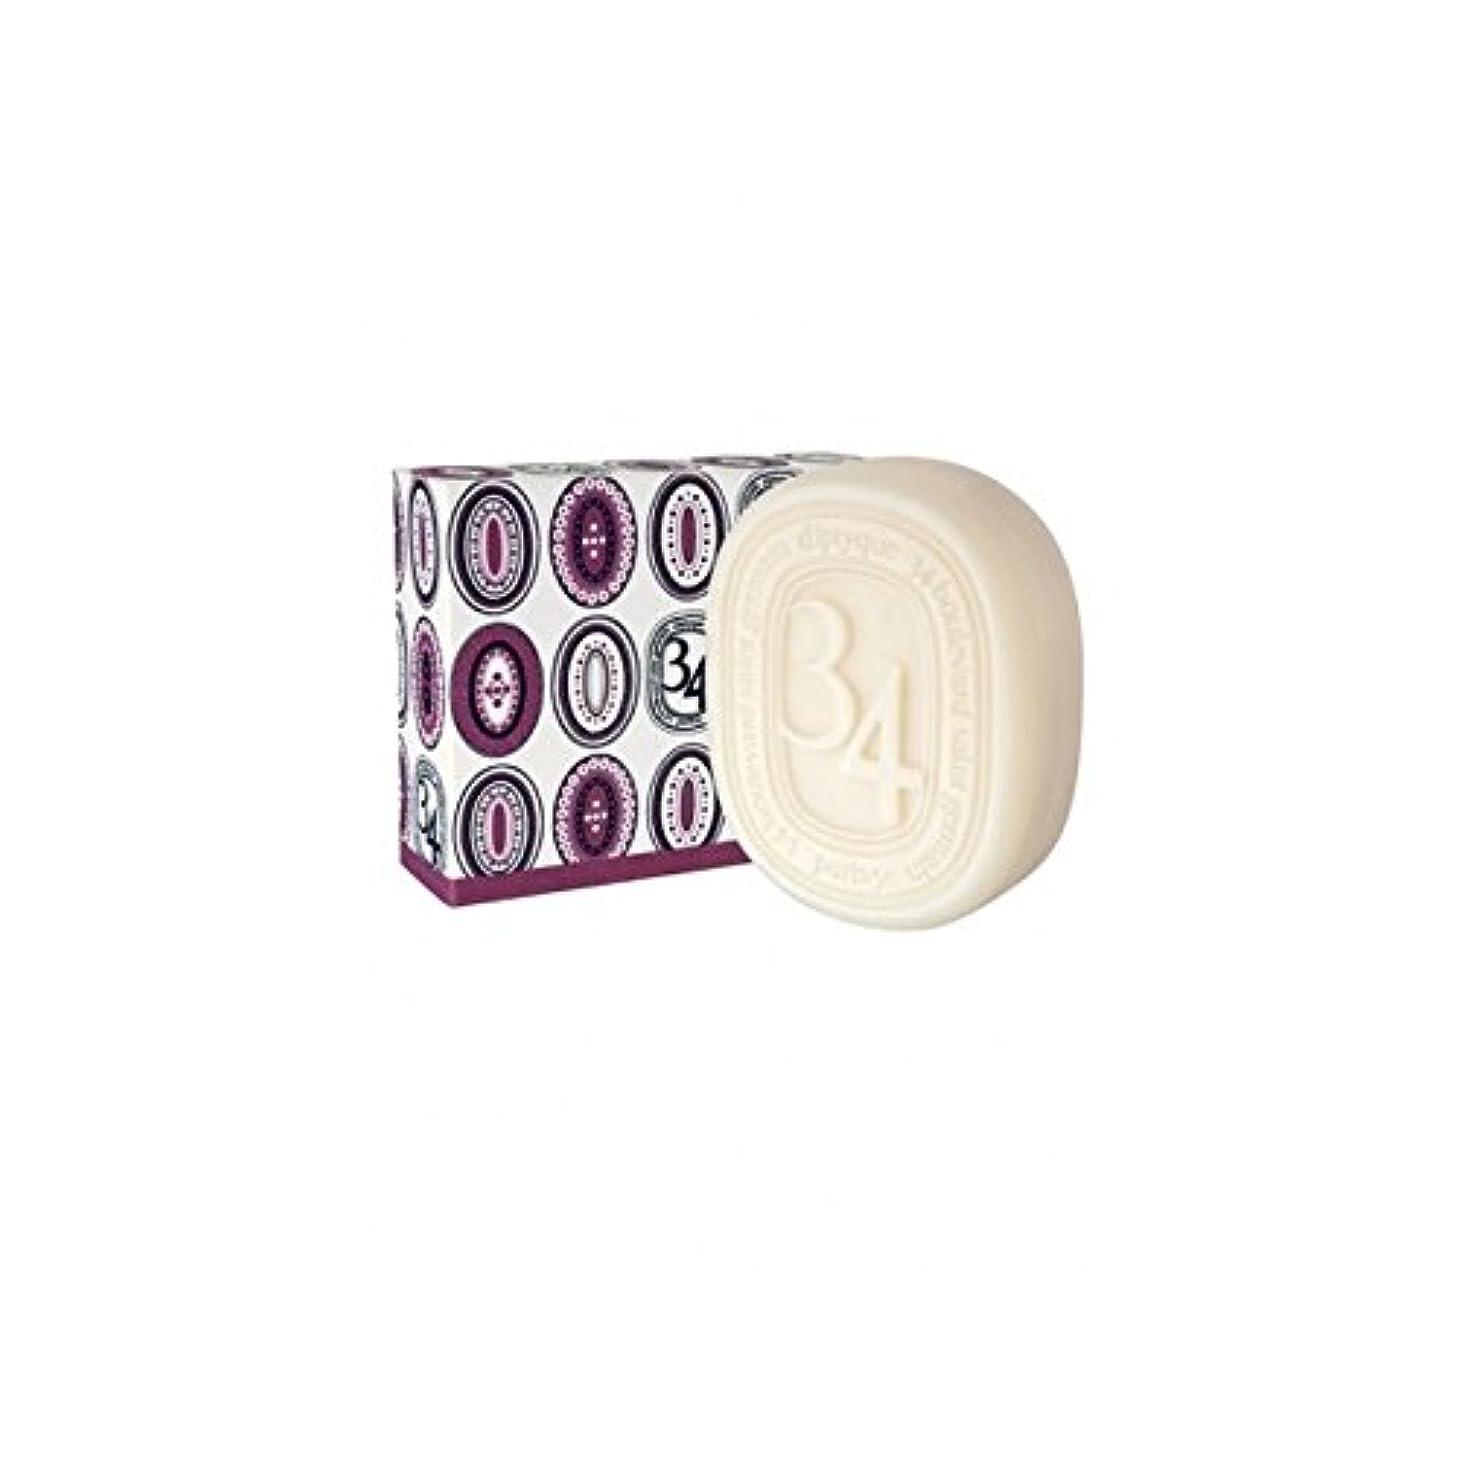 聞きます含意干渉Diptyque Collection 34 Boulevard Saint Germain Soap 100g (Pack of 2) - Diptyqueコレクション34大通りサンジェルマン石鹸100グラム (x2) [並行輸入品]